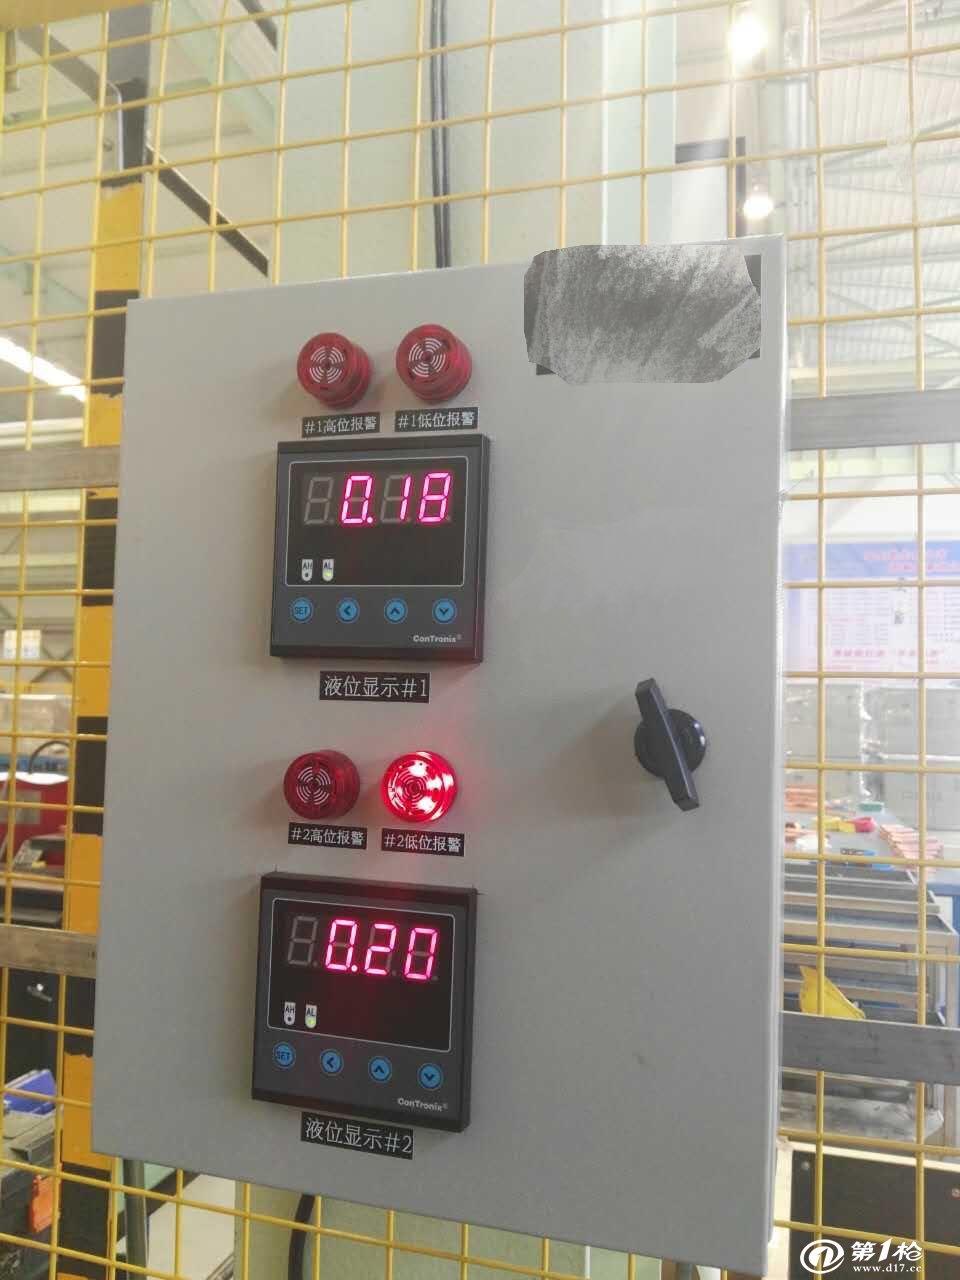 的工作原理及产品介绍加油站高液位报警 带显示功能高低液位报警器